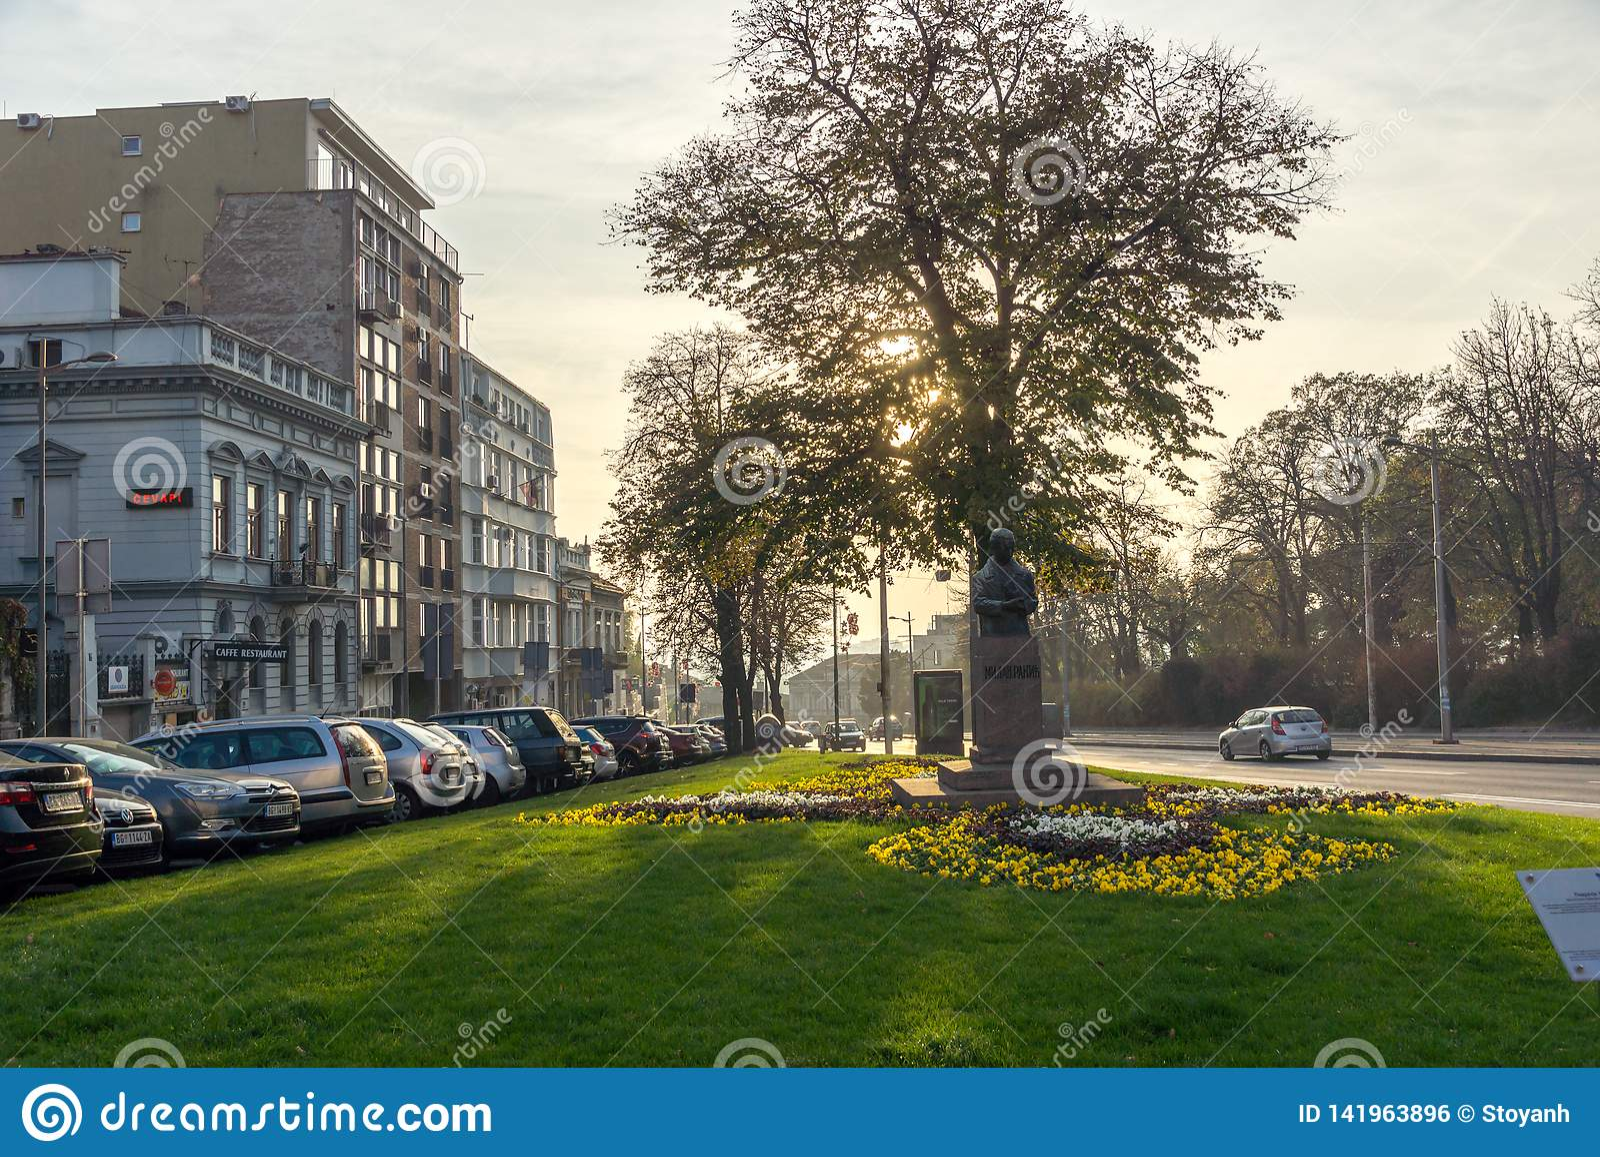 BELGRADE SERBIEN - NOVEMBER 10, 2018: Typisk byggnad och gata i mitten av staden av Belgrade, Serbien